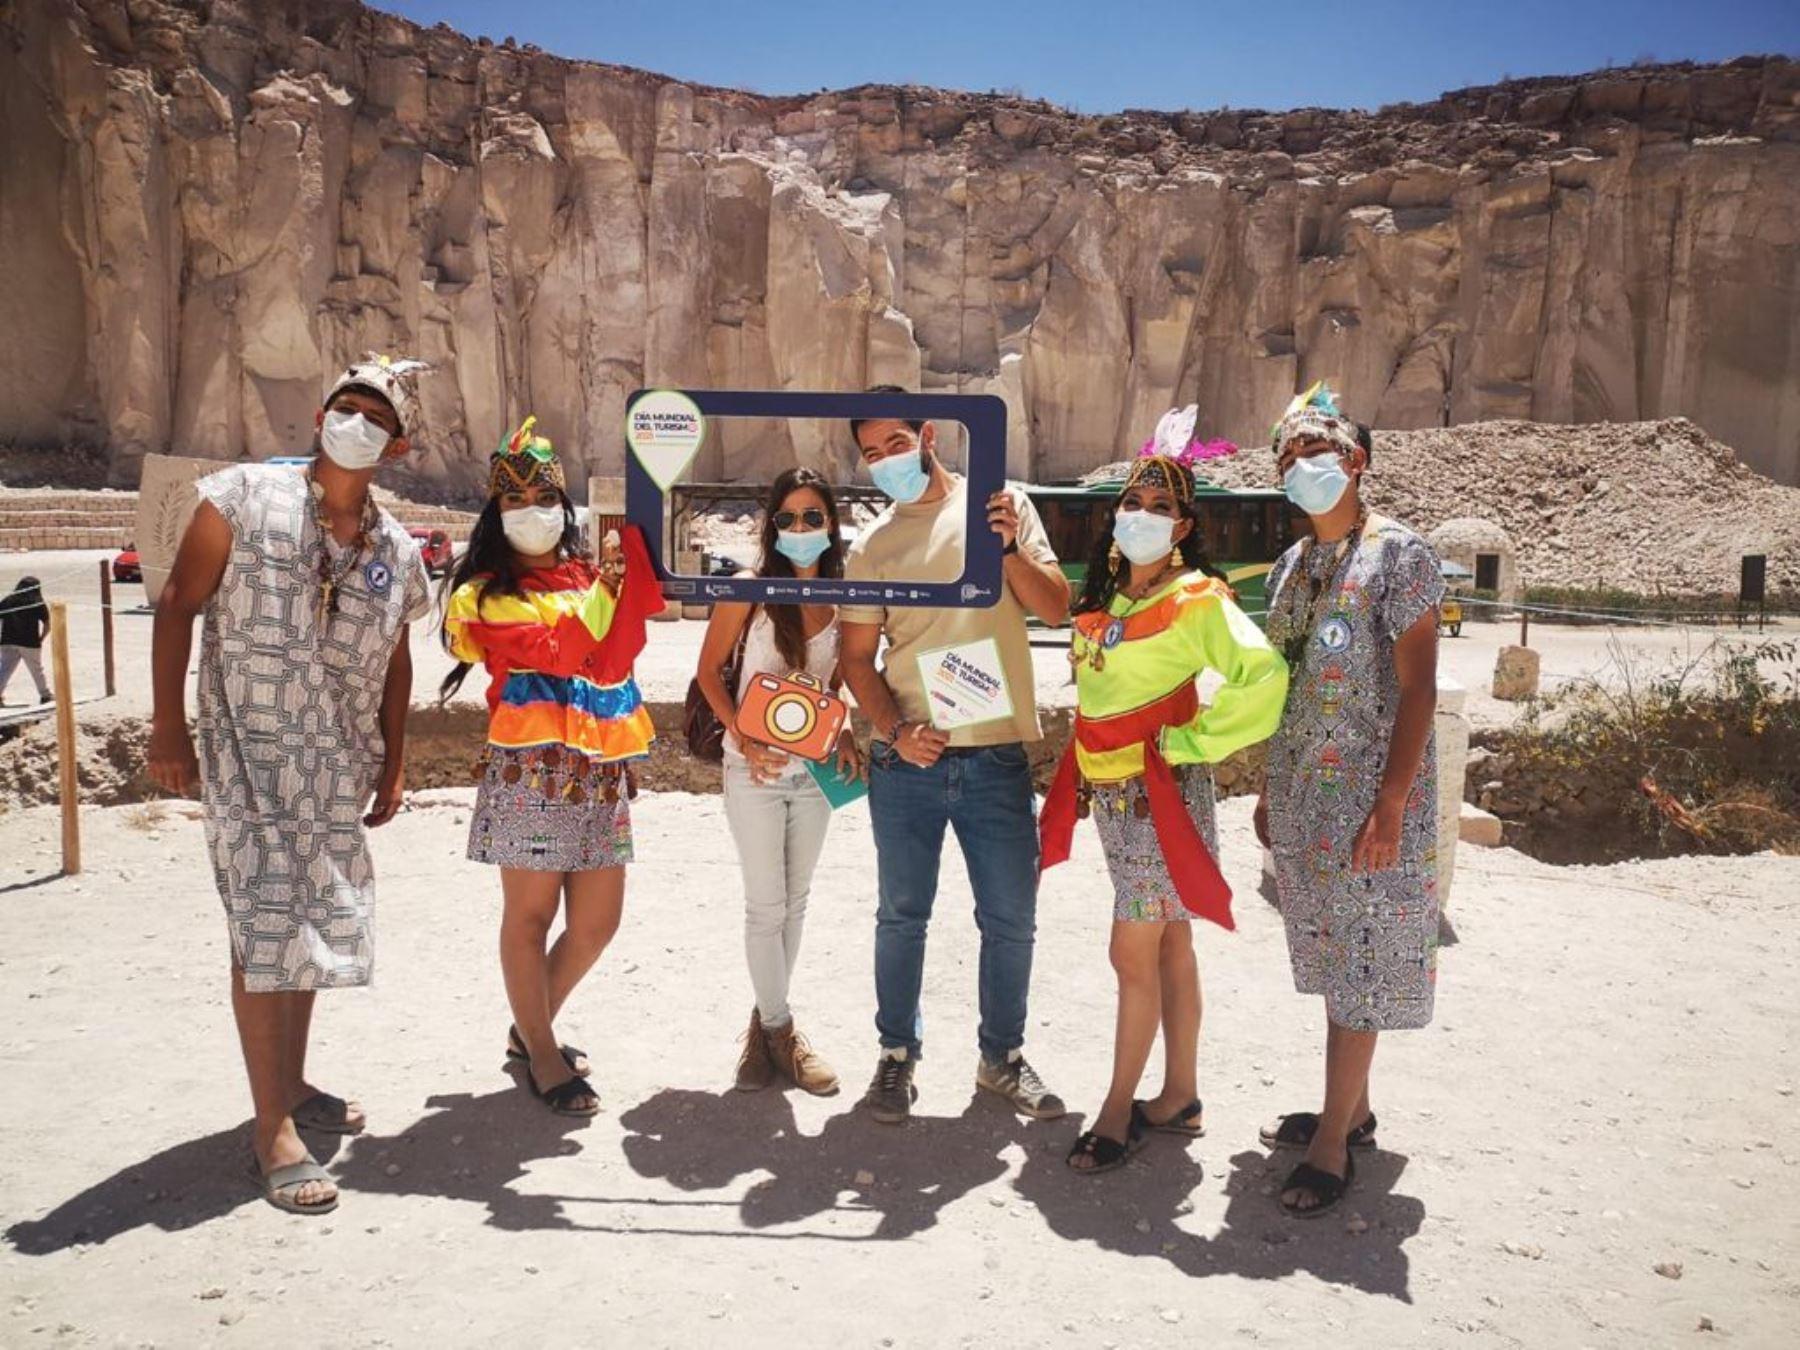 Día del Turismo: se celebra con danzas típicas en Arequipa